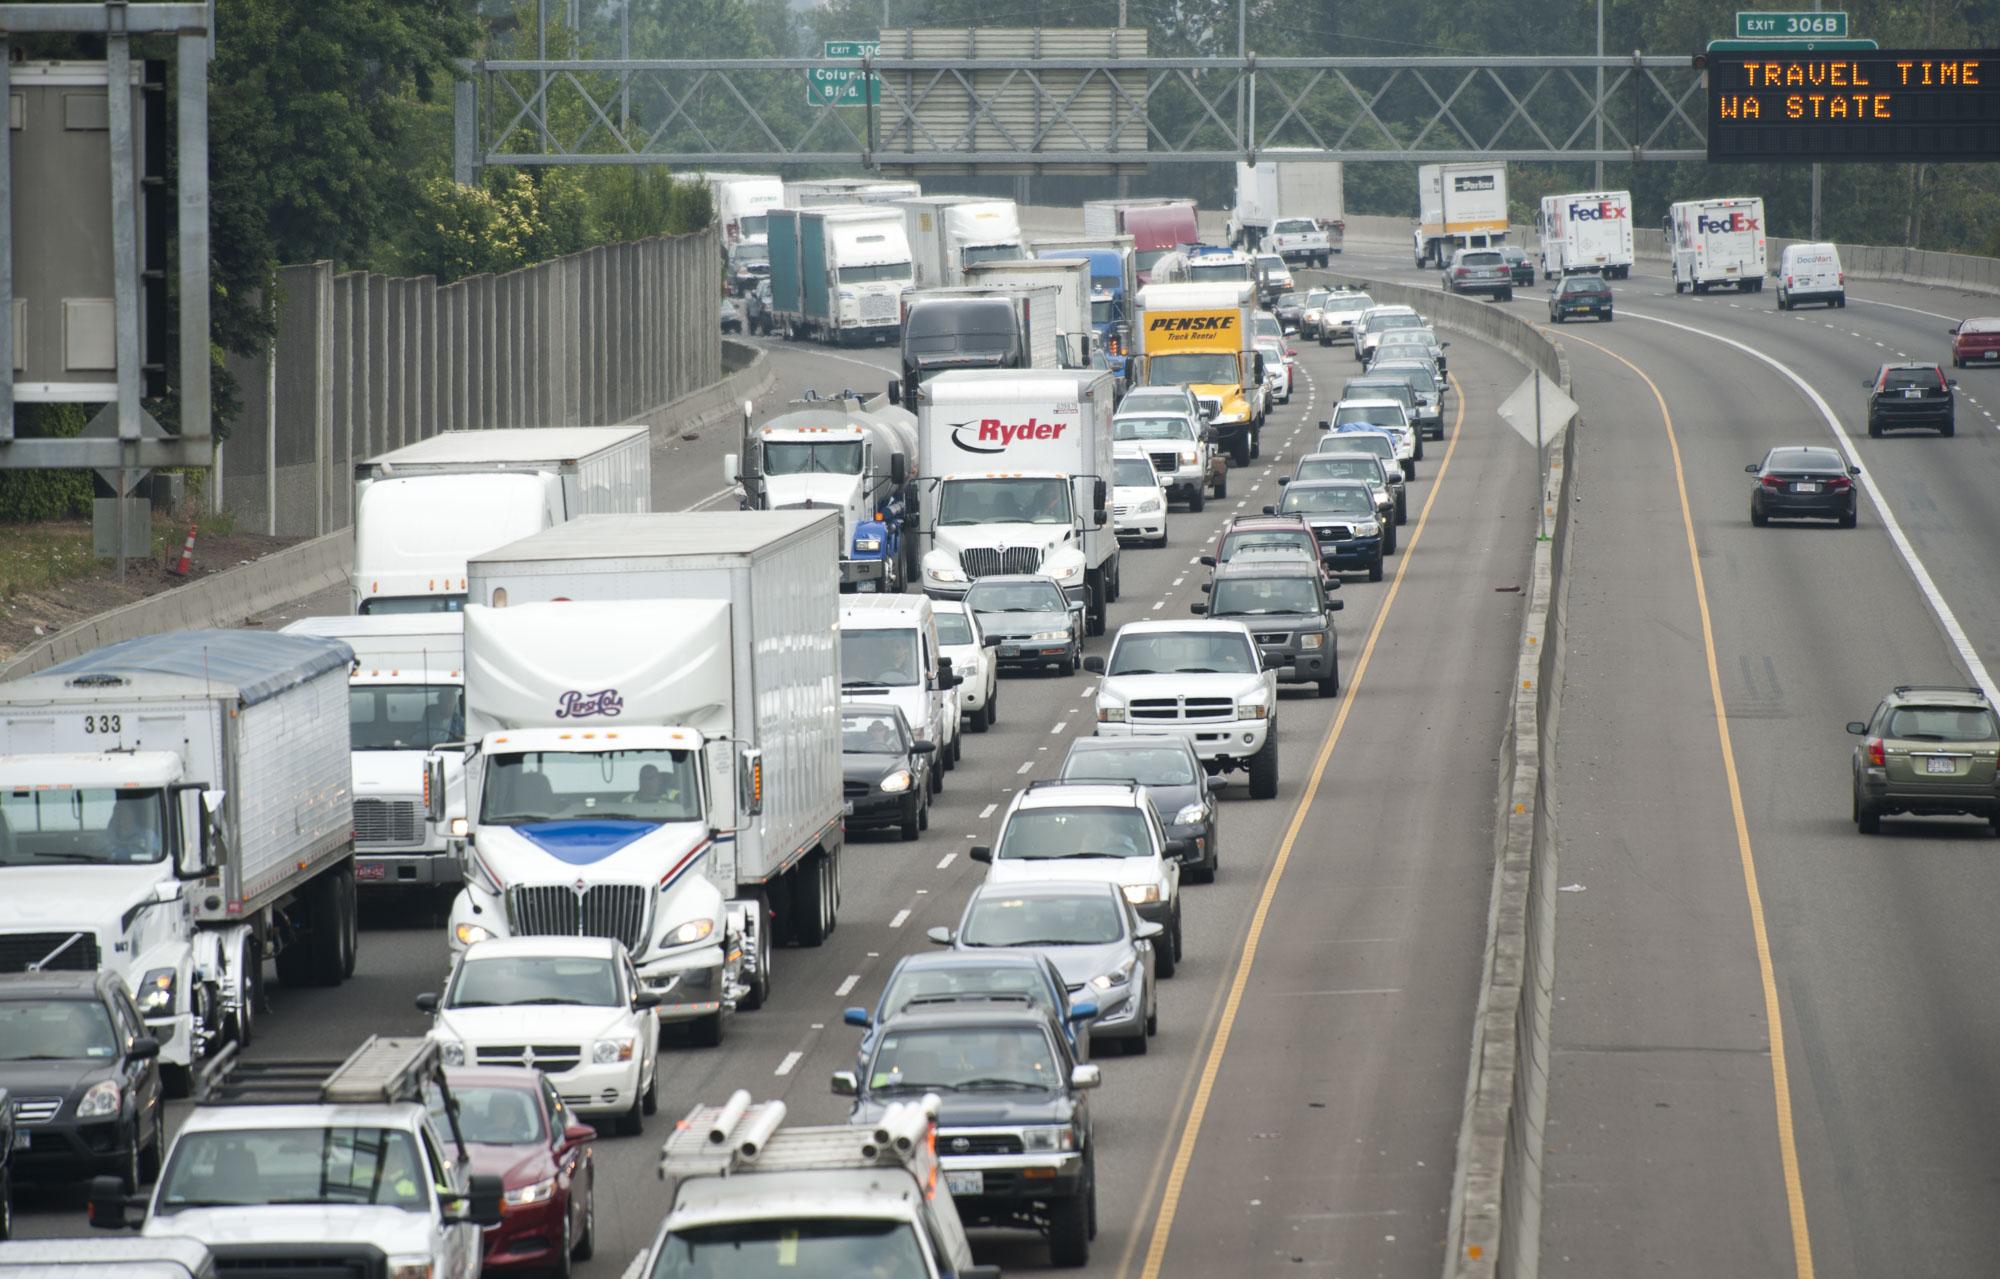 638051_congestion_management_370